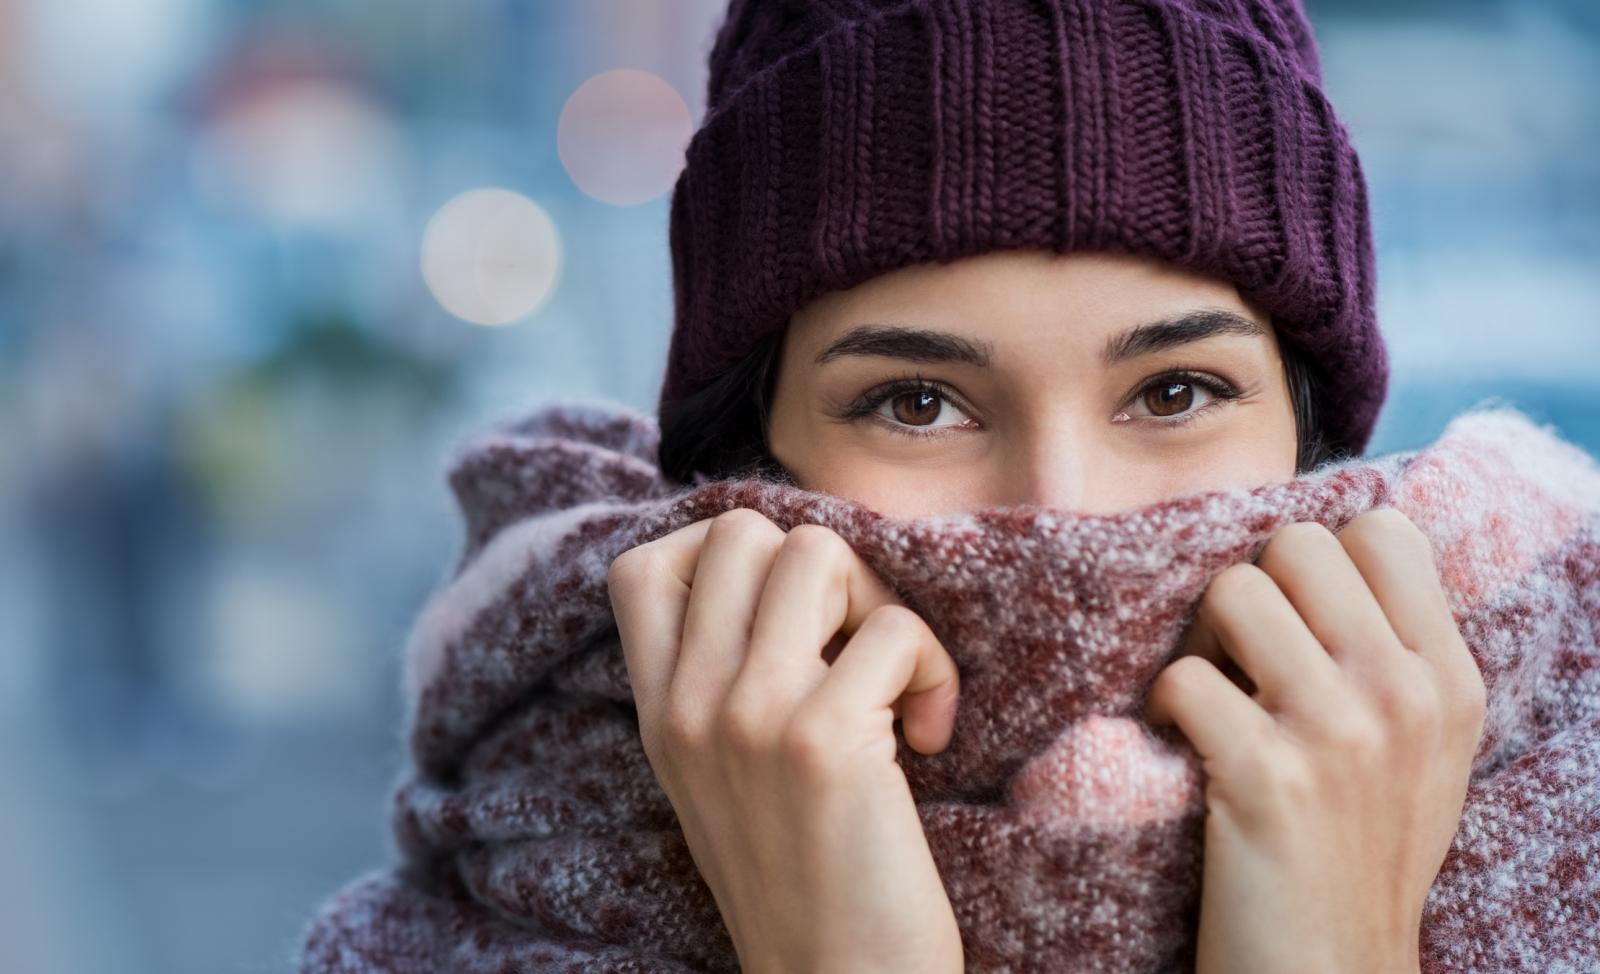 Dobre higijenske navike, pravilna prehrana, dovoljno spavanja i dobro upravljanje stresom su saveznici normalnog funkcioniranja imunološkog sustava.